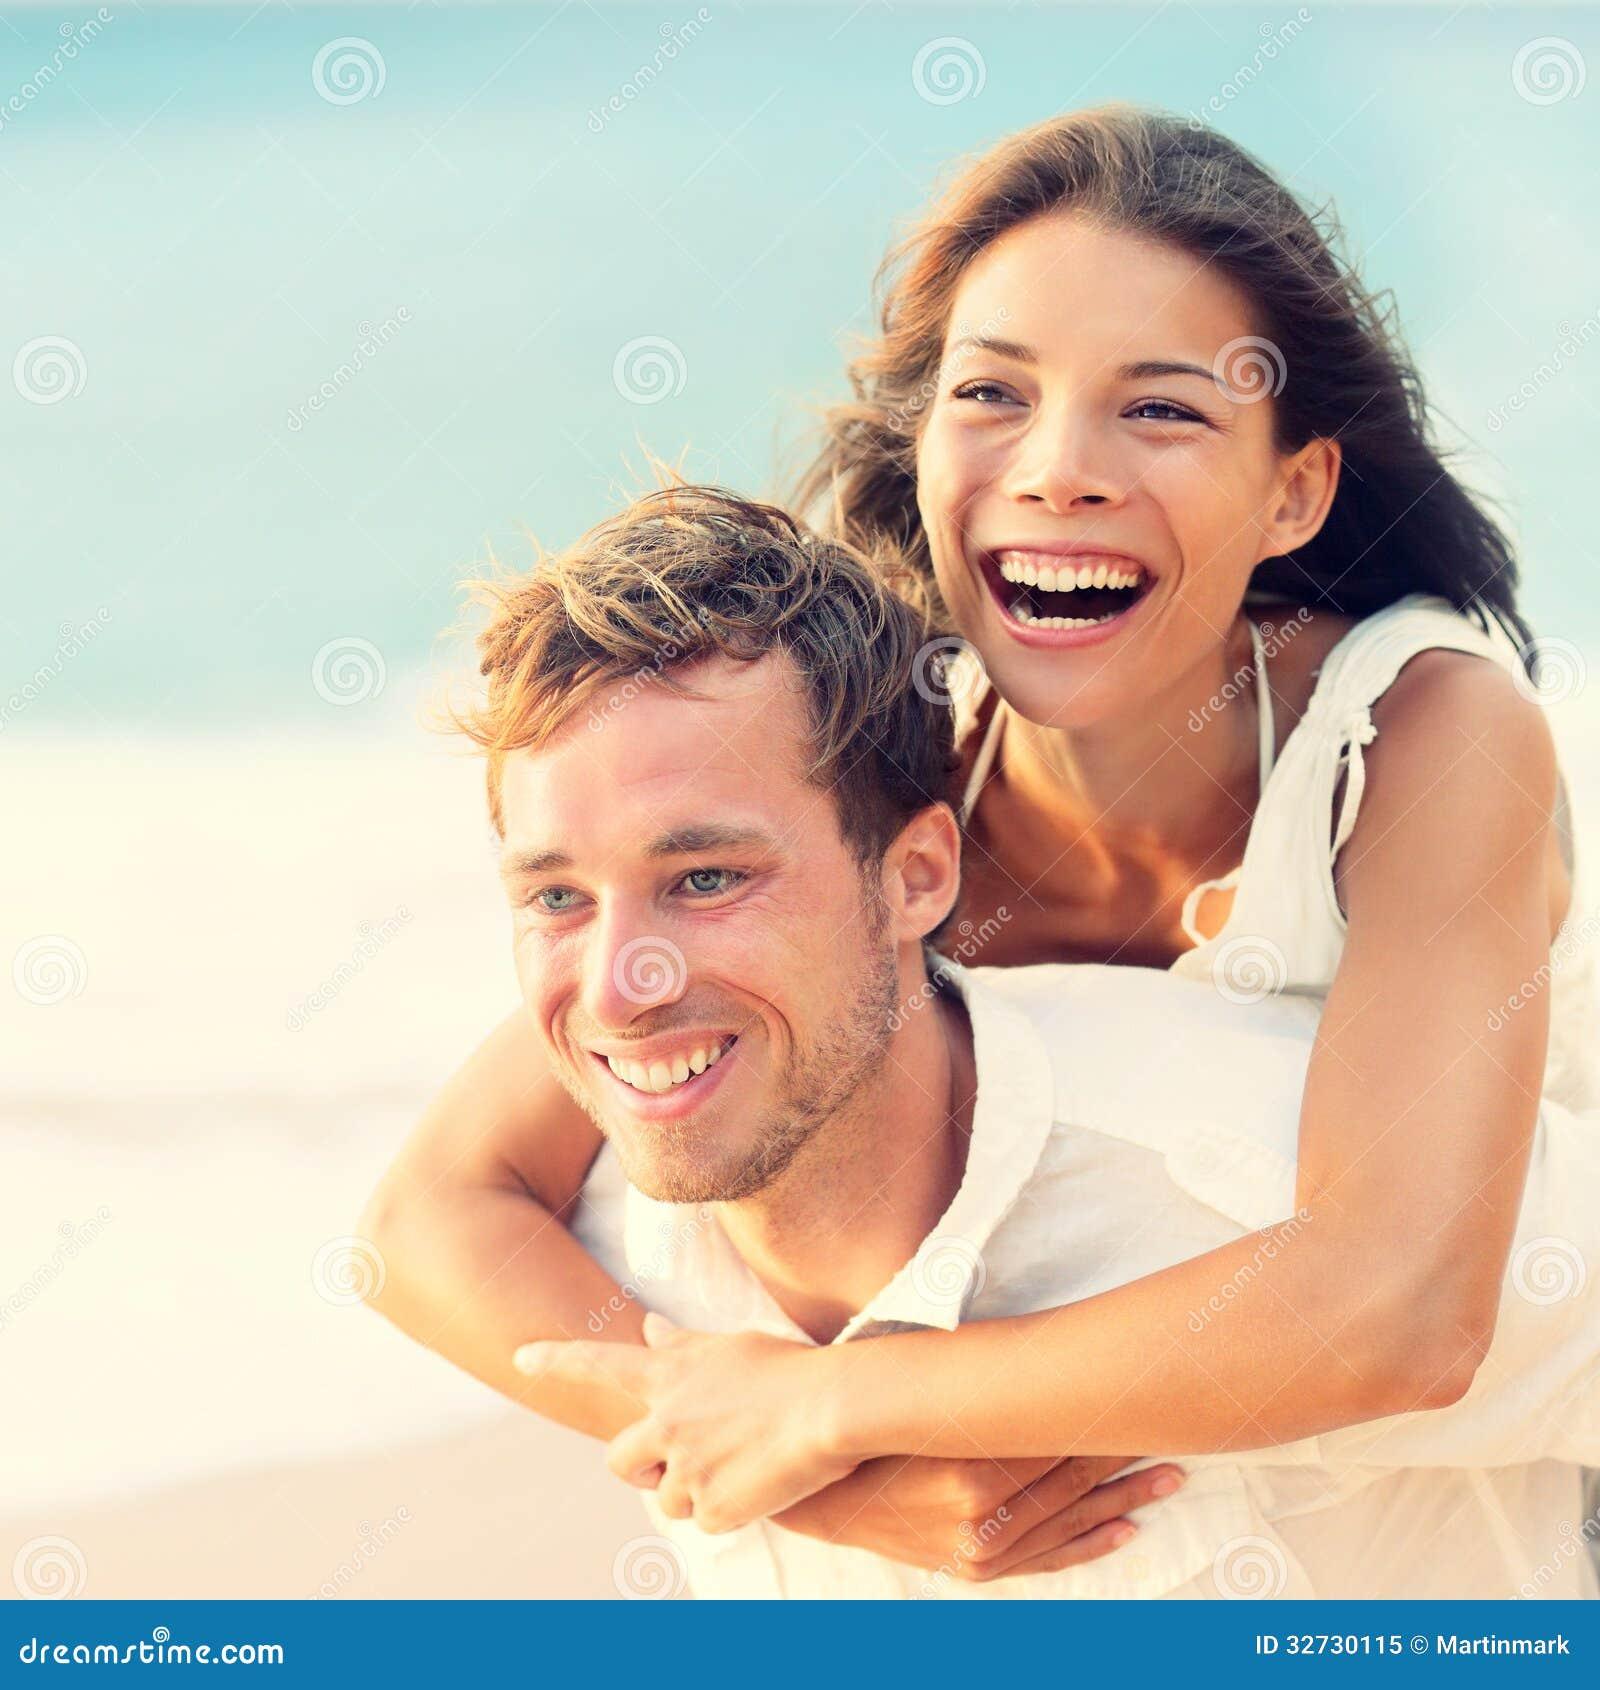 amour couple heureux sur la plage ayant le ferroutage d 39 amusement photo libre de droits. Black Bedroom Furniture Sets. Home Design Ideas